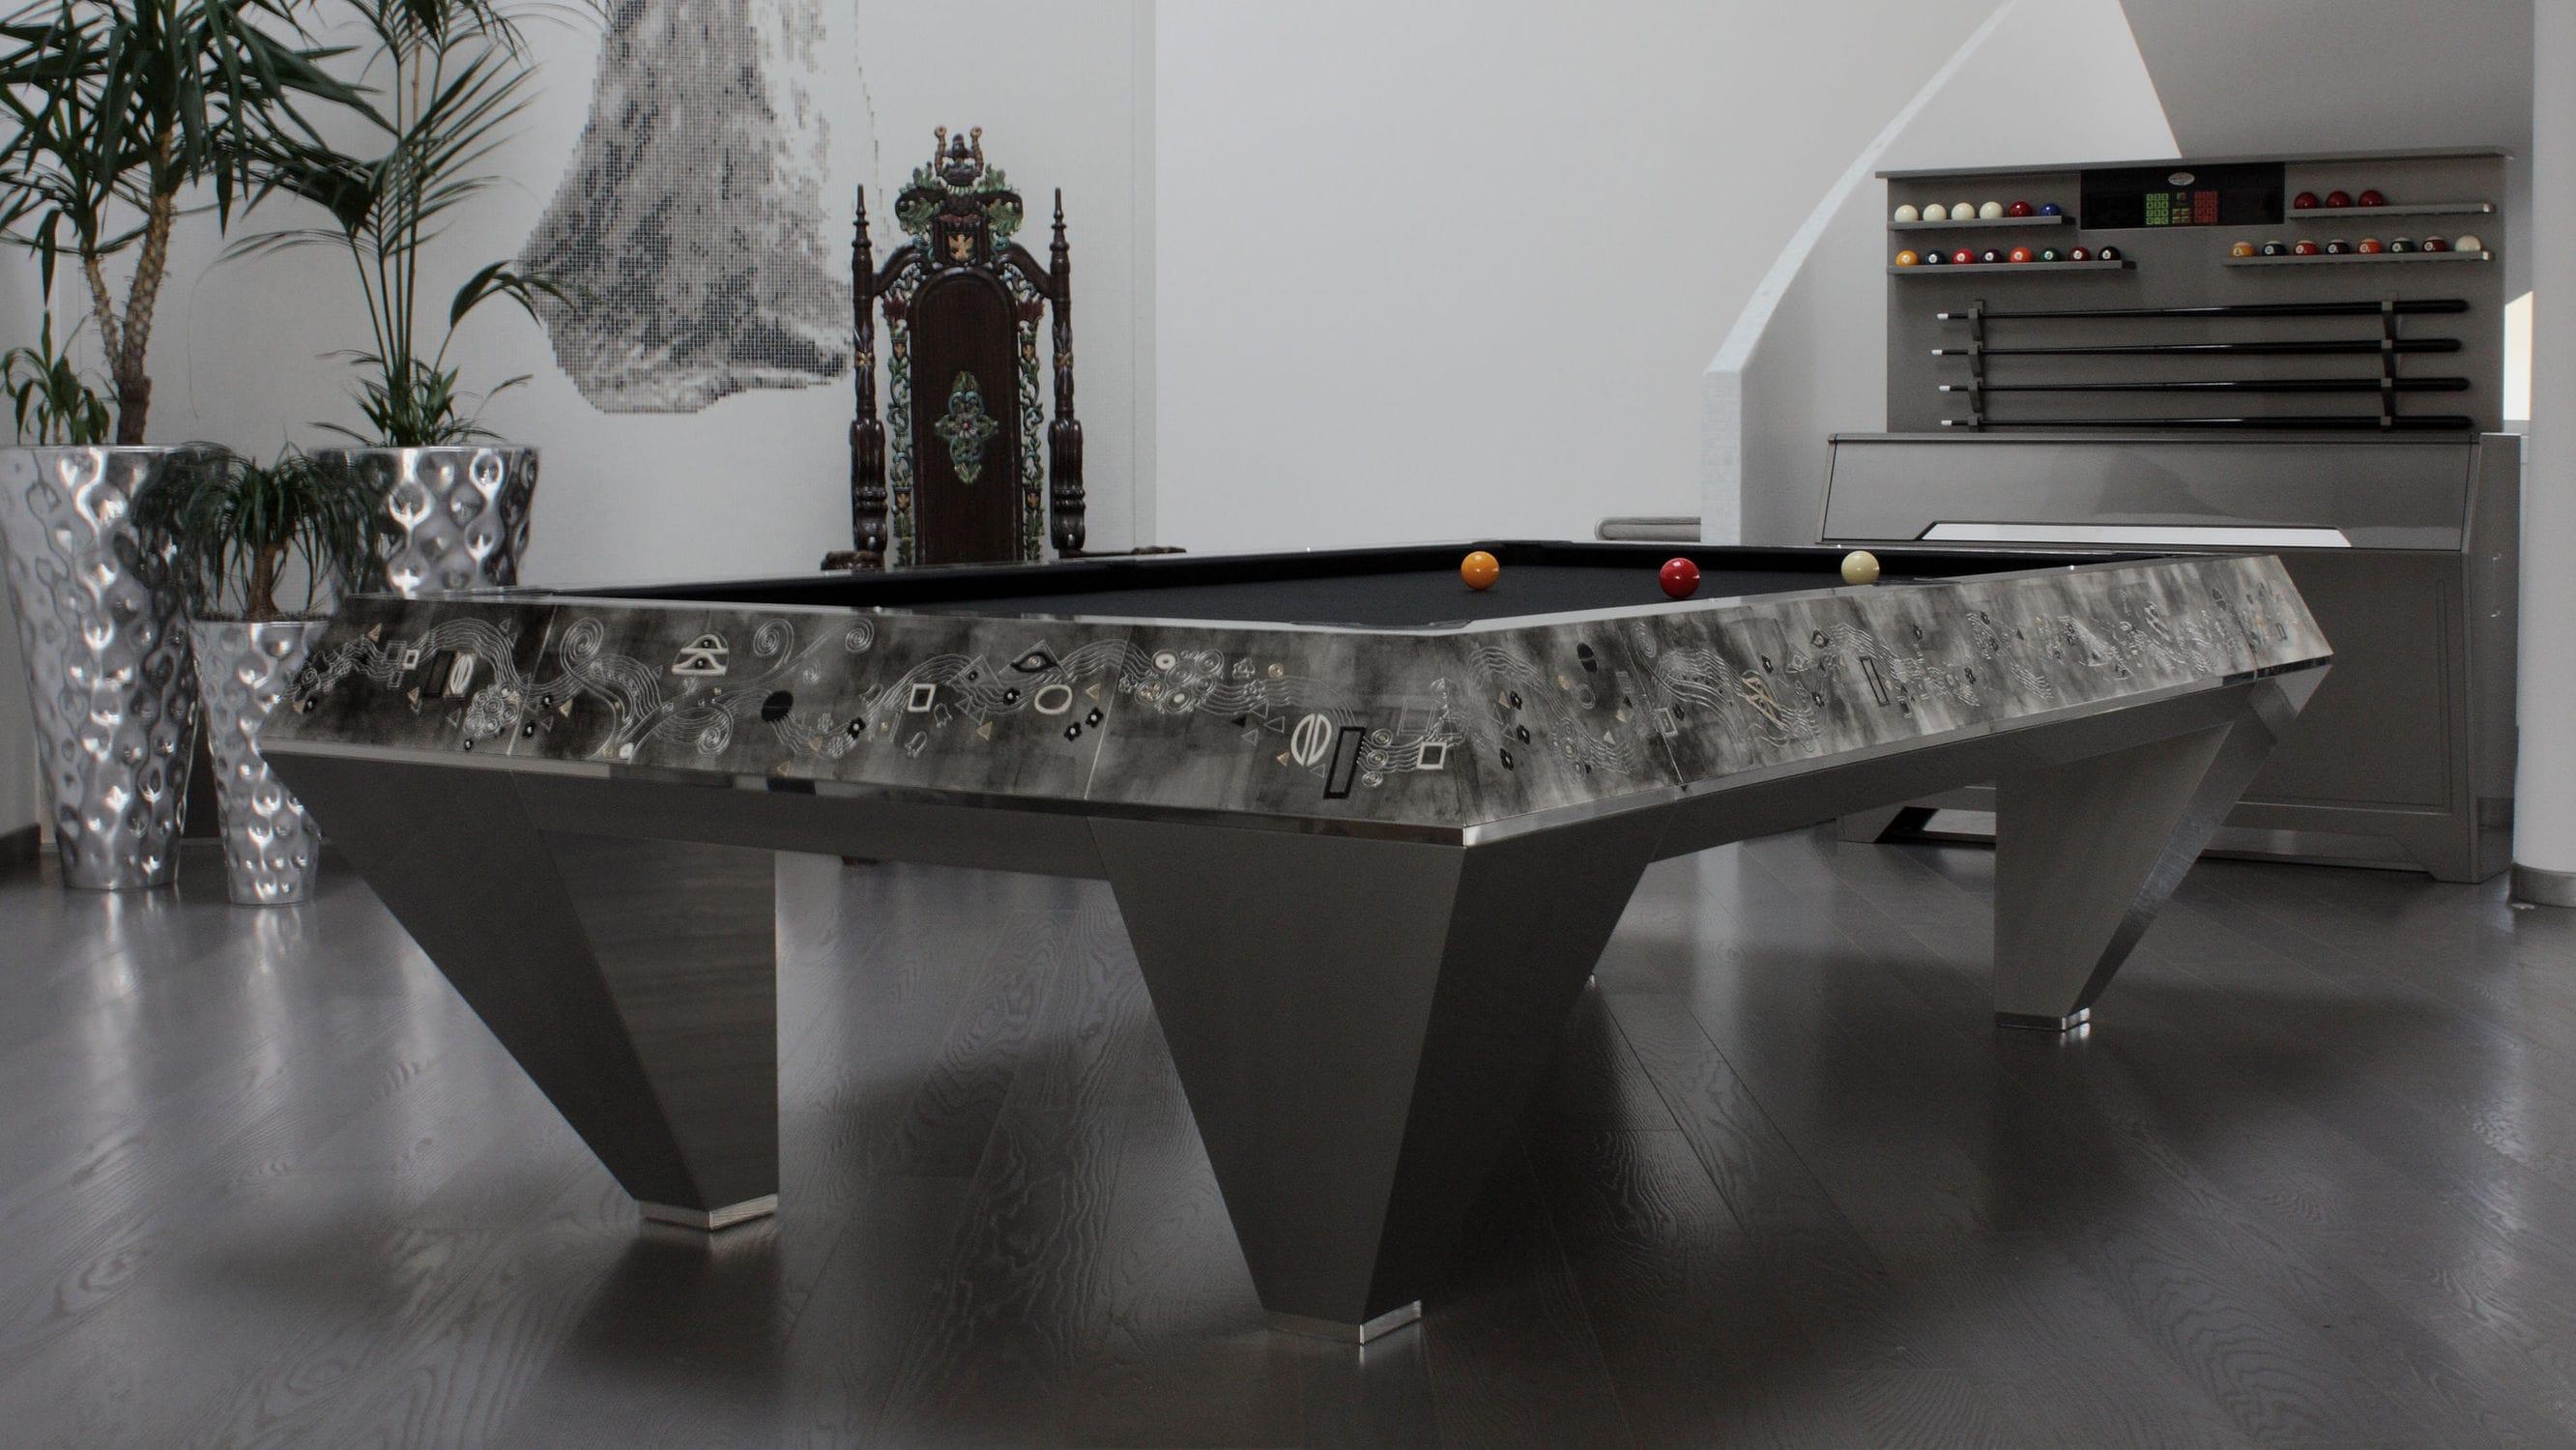 Tavolo Da Biliardo Moderno.Tavolo Da Biliardo Moderno Millenium Klimt Biliardi